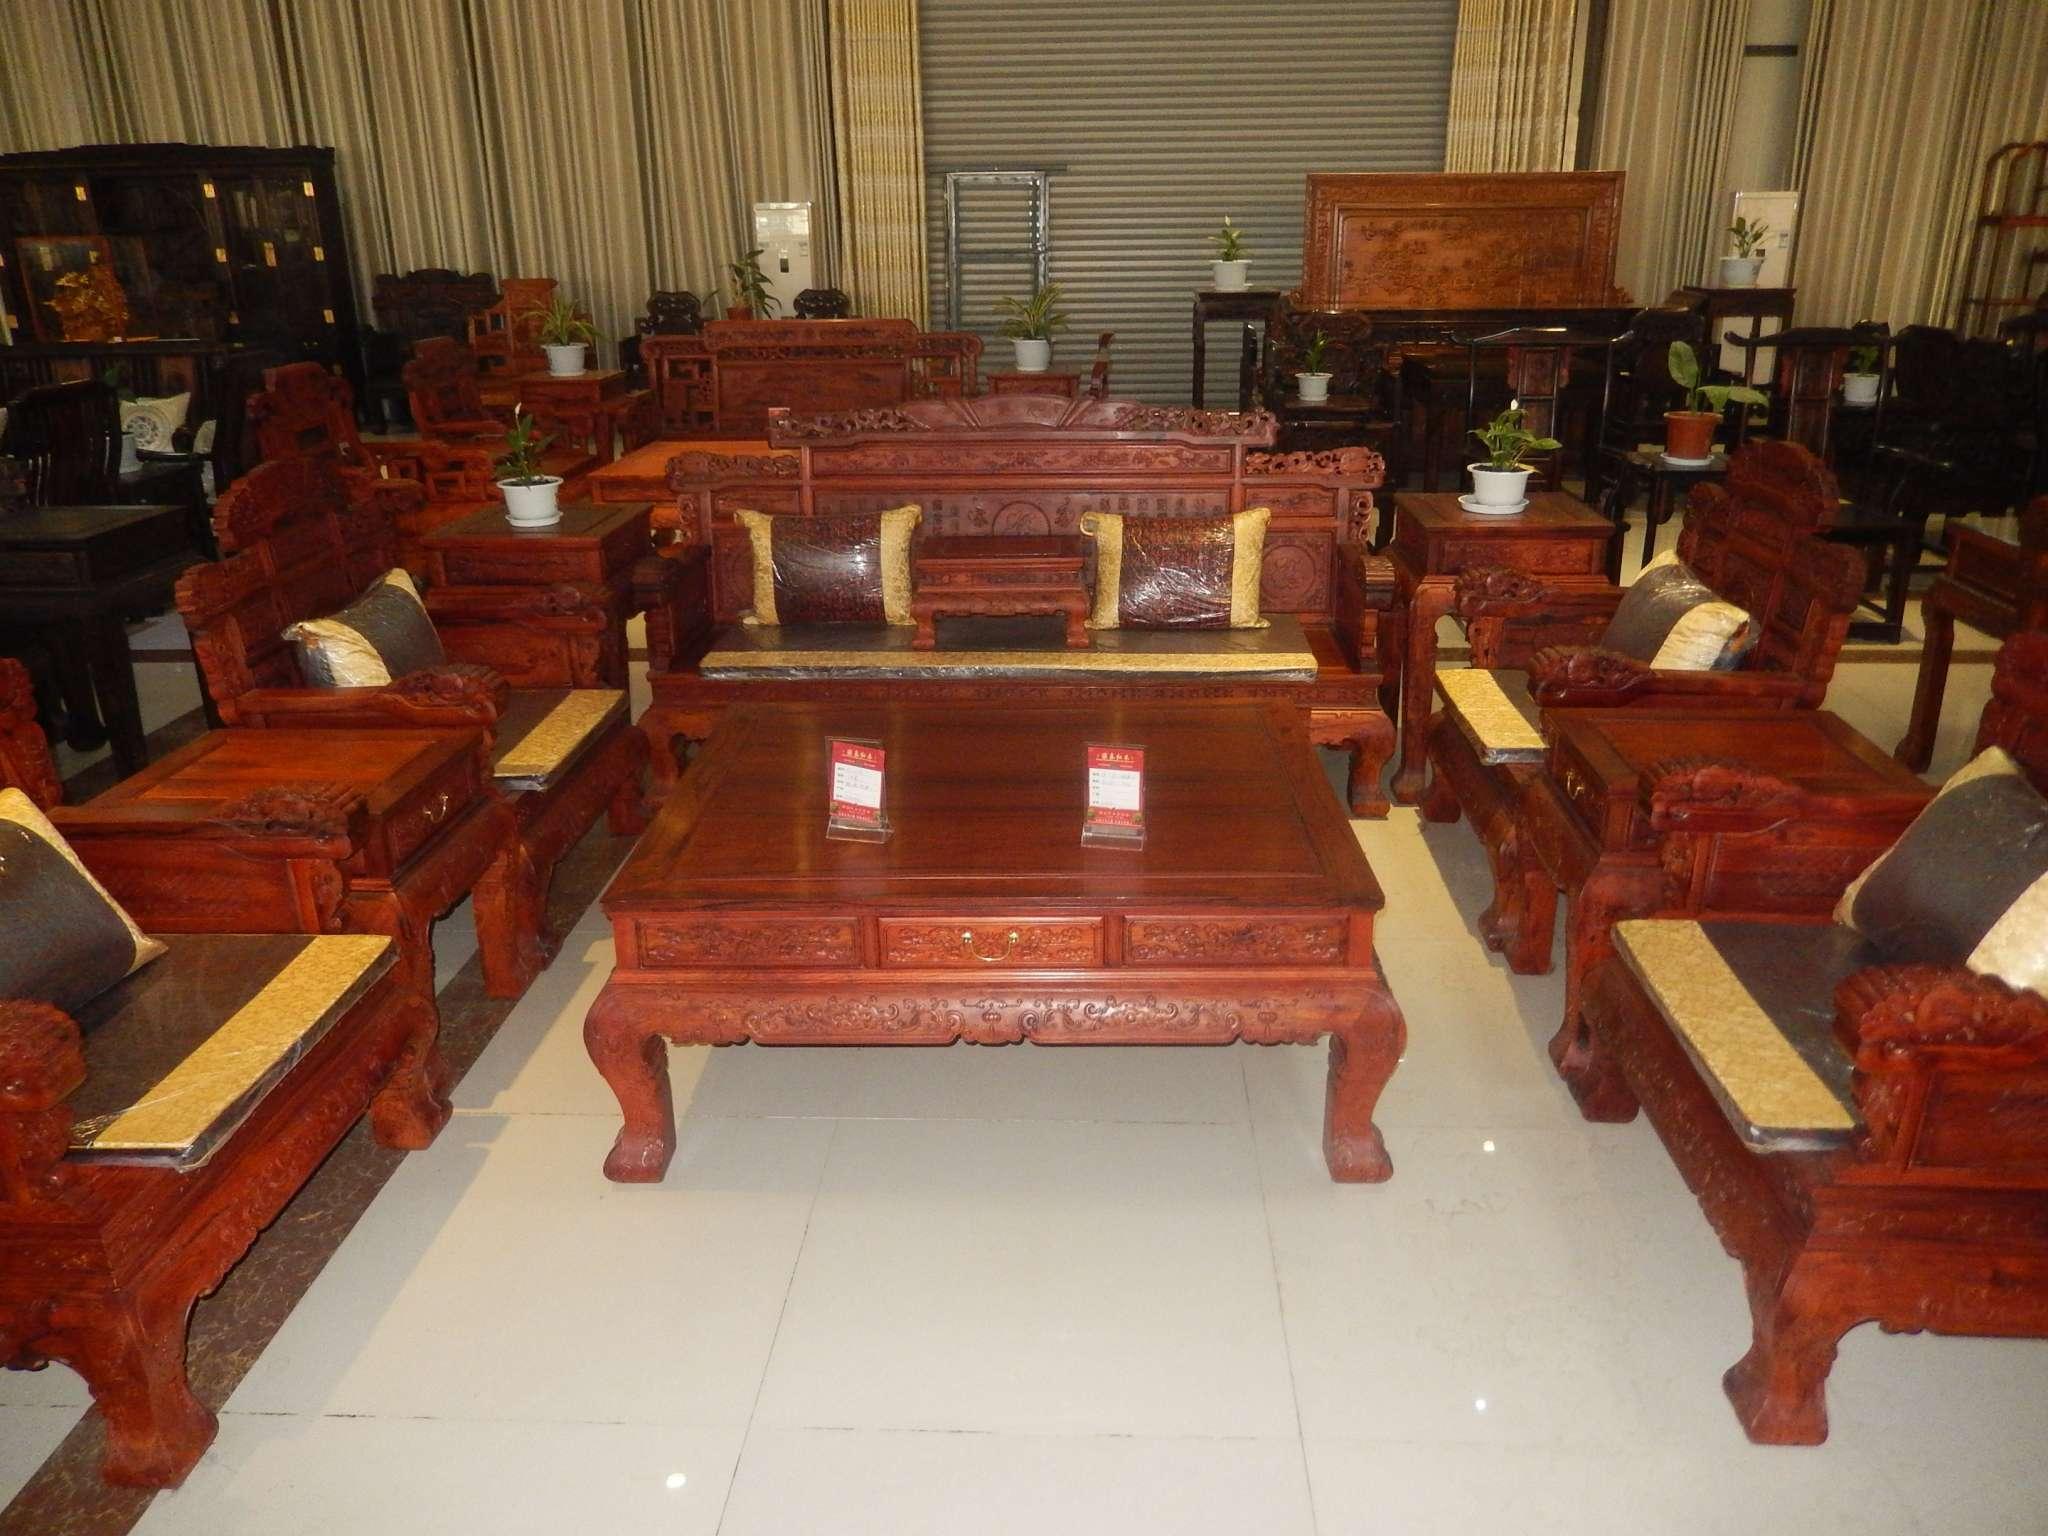 客厅红木沙发 - 景洪濠泰红木有限责任公司